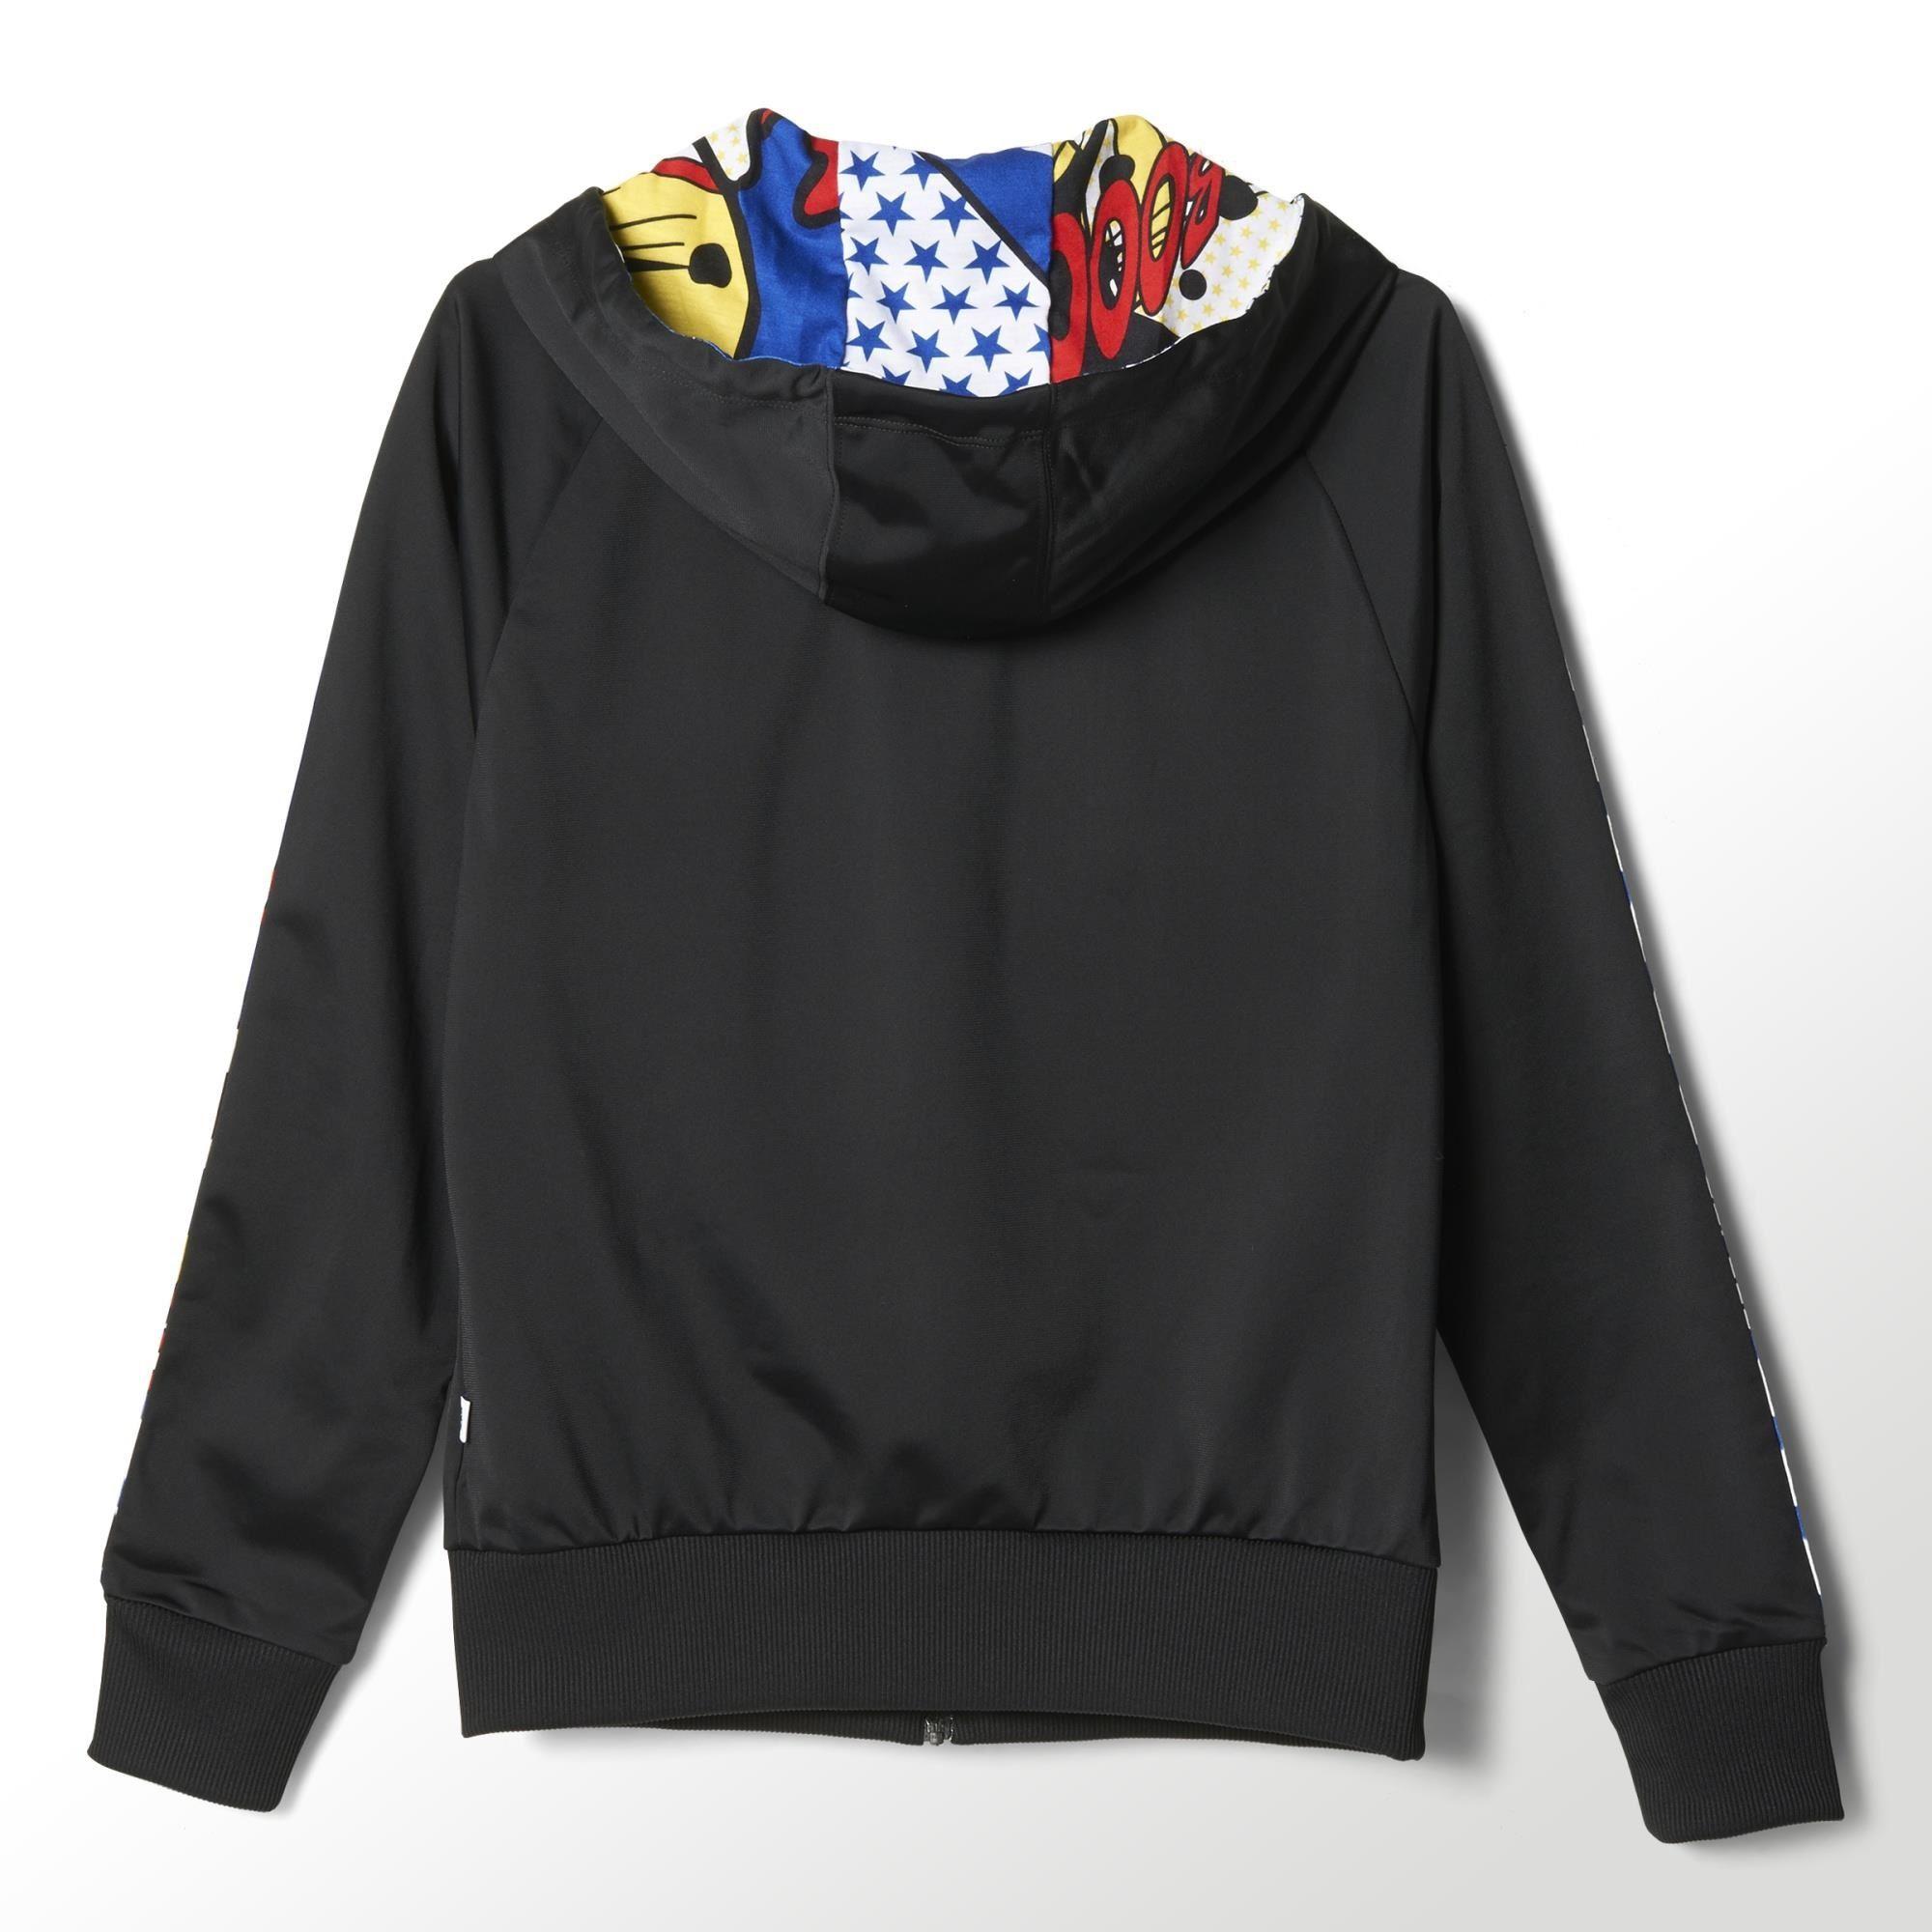 Rita Sudadera Originals negra Super Adidas Ora 8SOq48xw